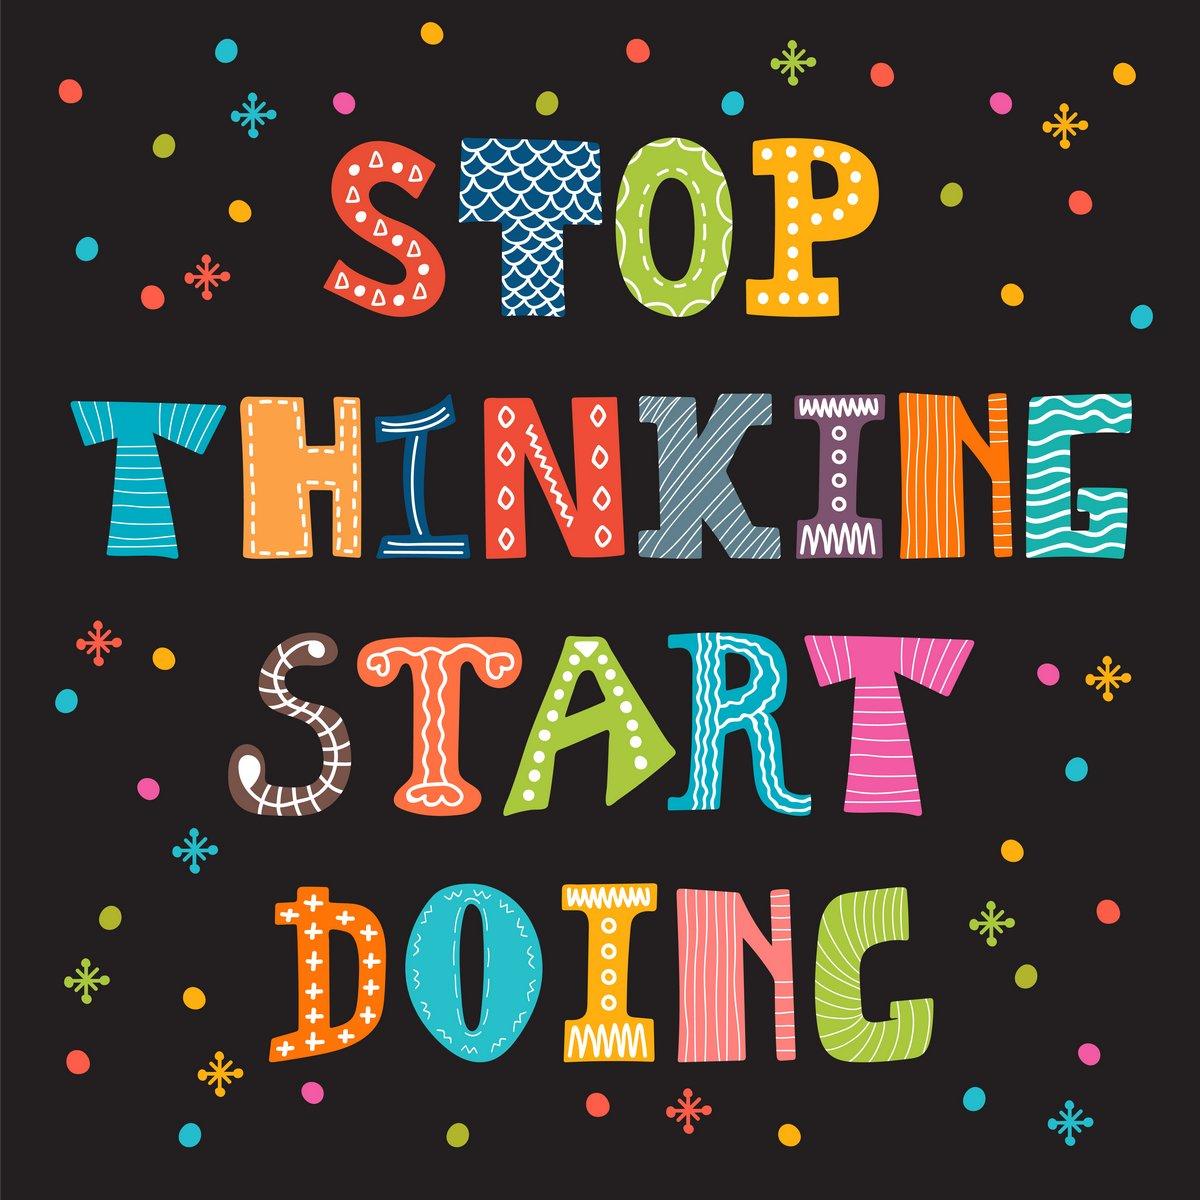 Постер-картина Мотивационный плакат Перестать думать, начать делать. Вдохновляющие цитаты. Мотивационные вырезатьМотивационный плакат<br>Постер на холсте или бумаге. Любого нужного вам размера. В раме или без. Подвес в комплекте. Трехслойная надежная упаковка. Доставим в любую точку России. Вам осталось только повесить картину на стену!<br>